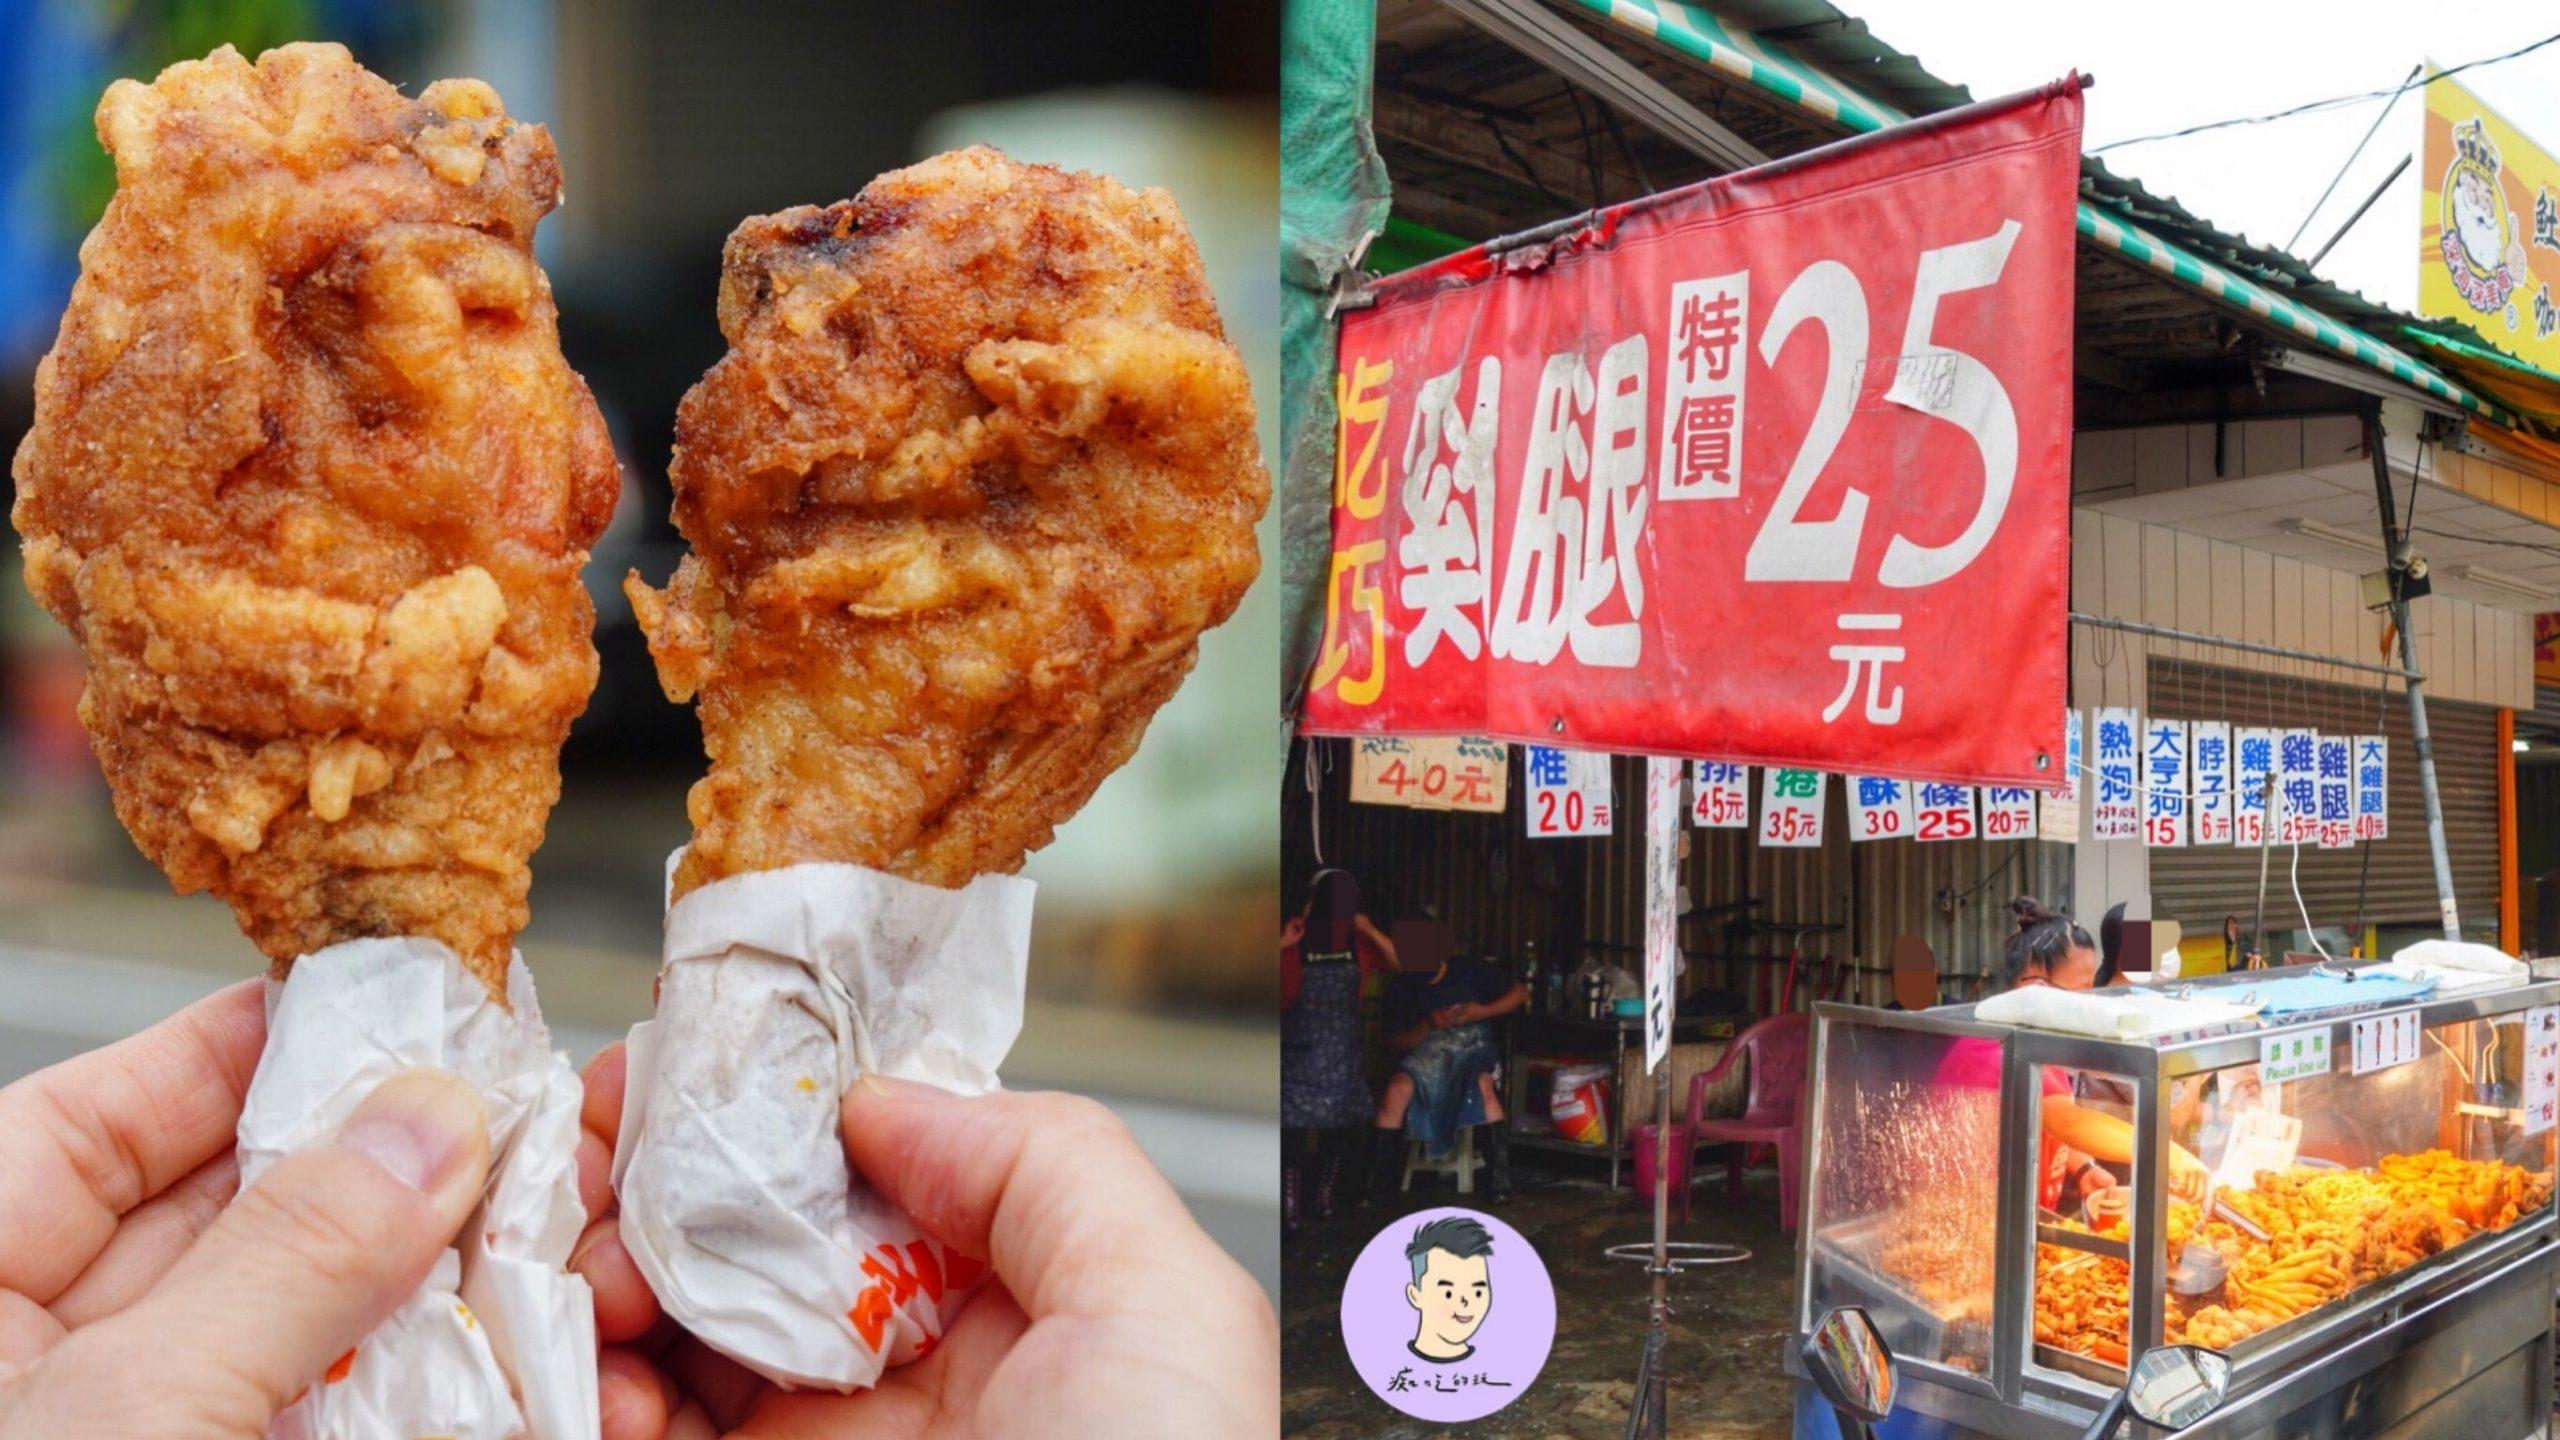 【台南美食】永康這家雞腿只要25元!雞排才45元 便宜好吃!! 在地人大堆的隱藏版炸雞店 – 吃巧炸雞|永康區美食